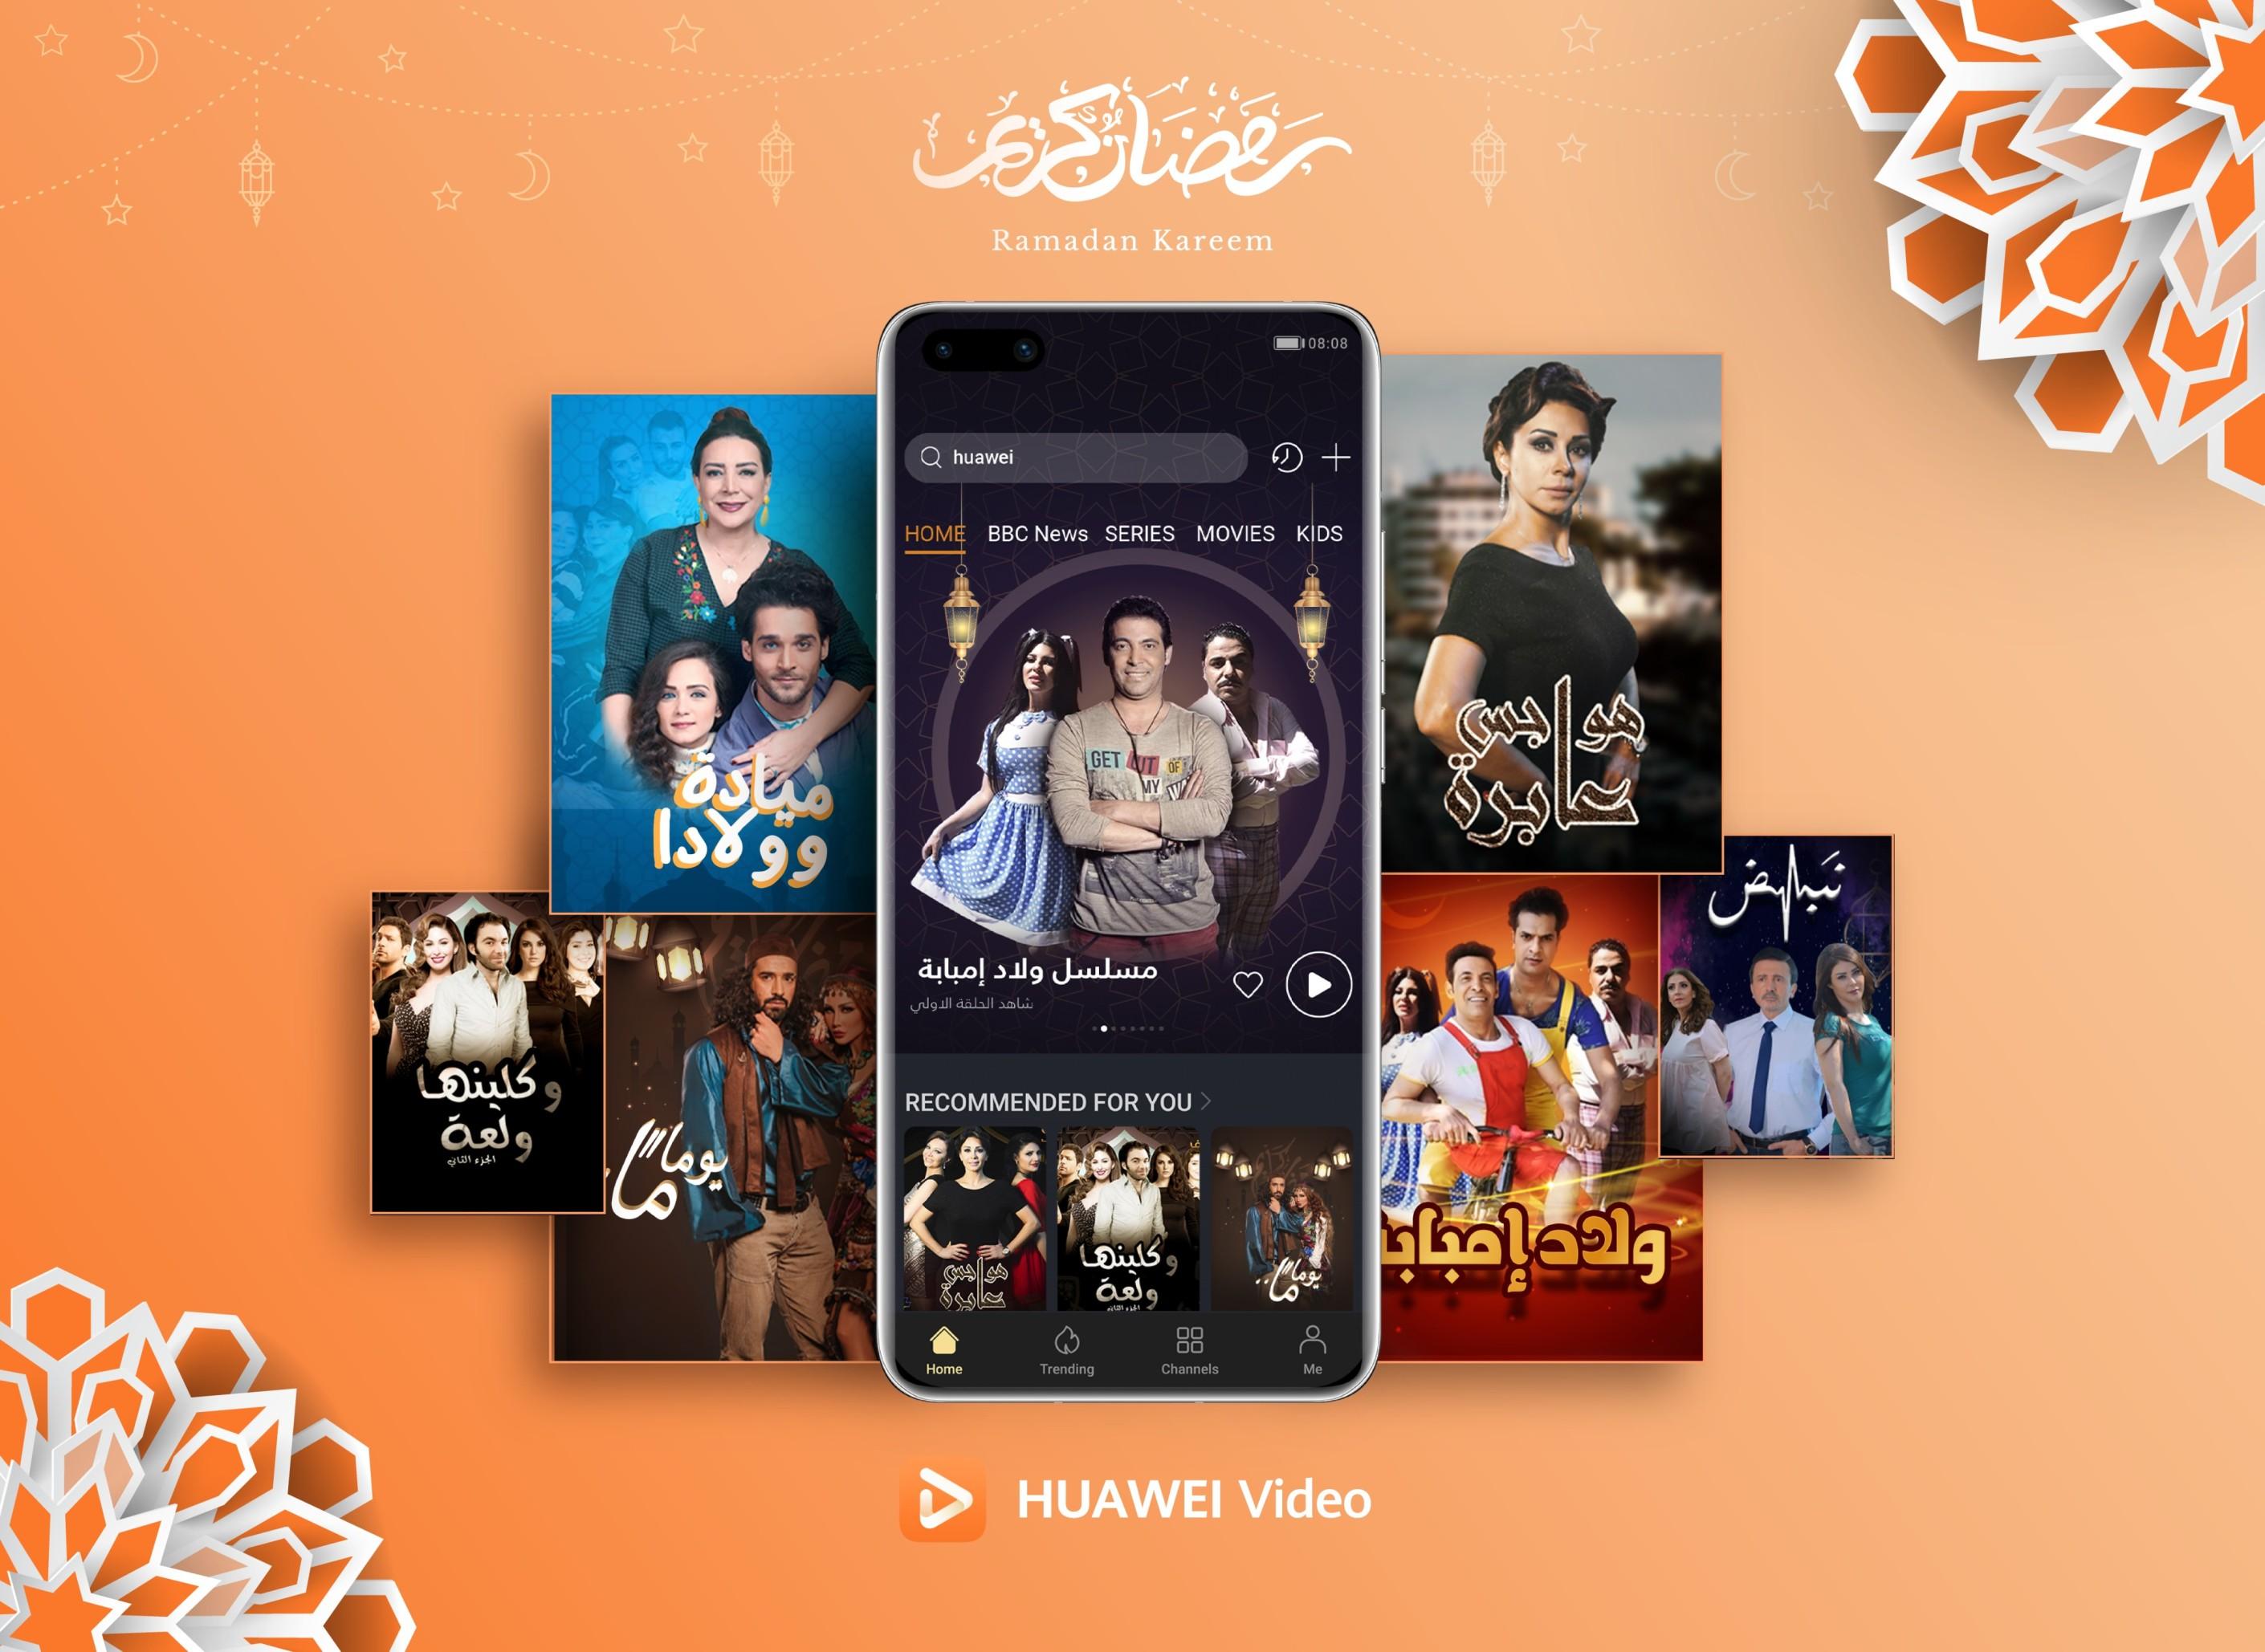 Huawei Video يجلب محتوى المسلسلات الرمضانية للمستخدمين في دولة الإمارات